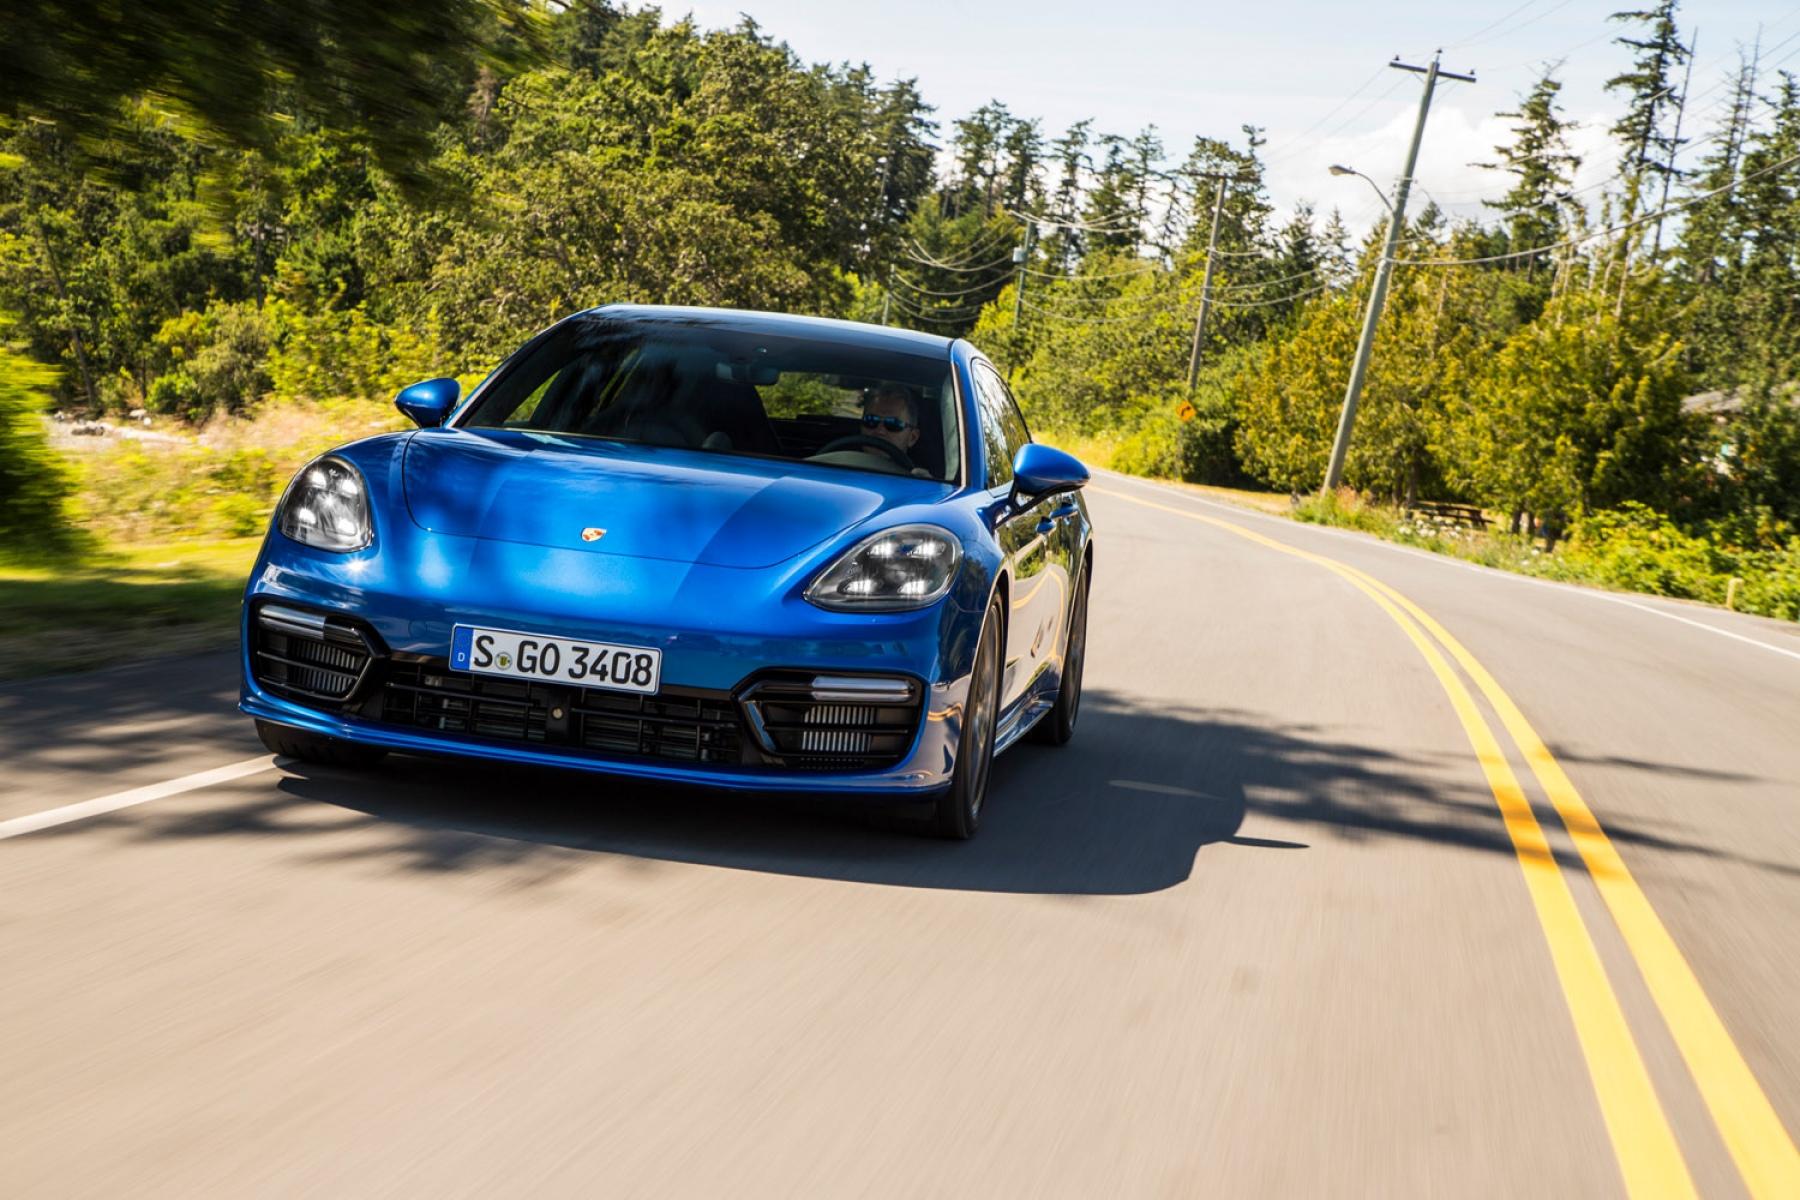 Photos Panamera Turbo Sport Turismo Sapphire Blue Metallic